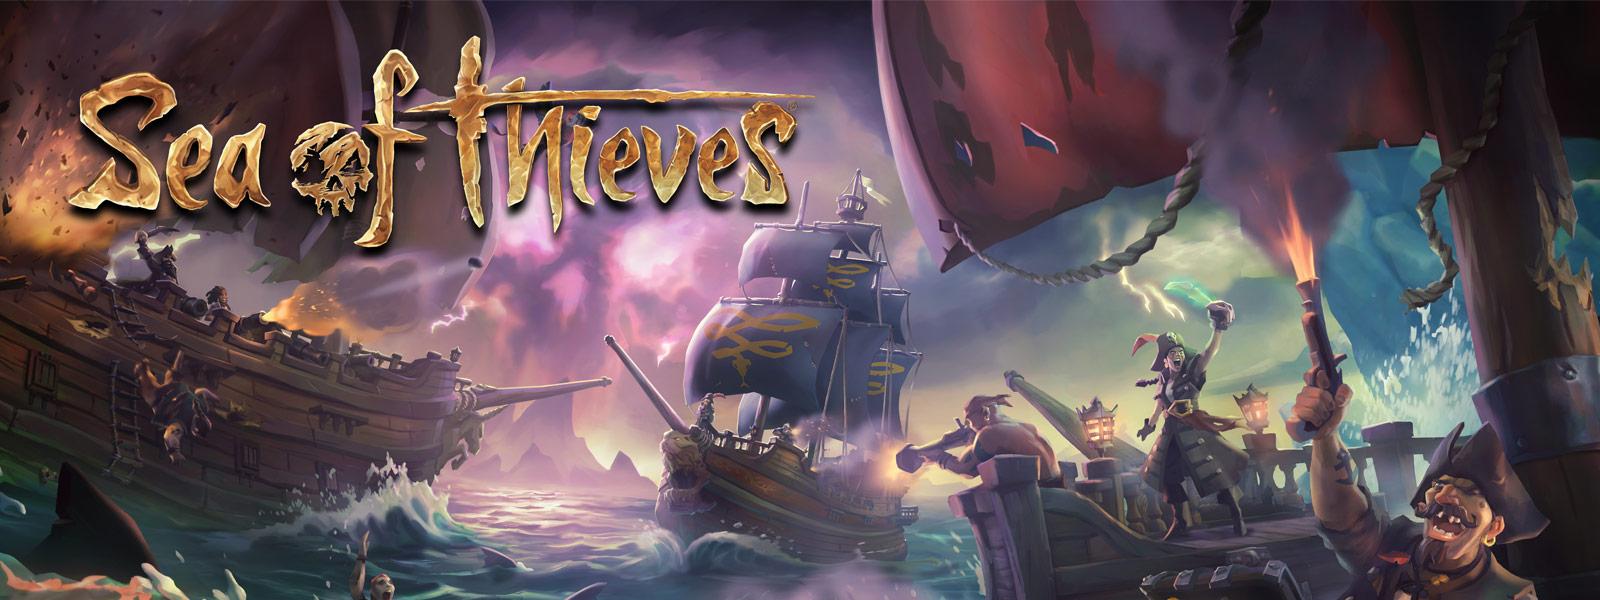 Sea of Thieves – Hajók csatája az óceánon; egyikük épp tüzel a többi hajóra